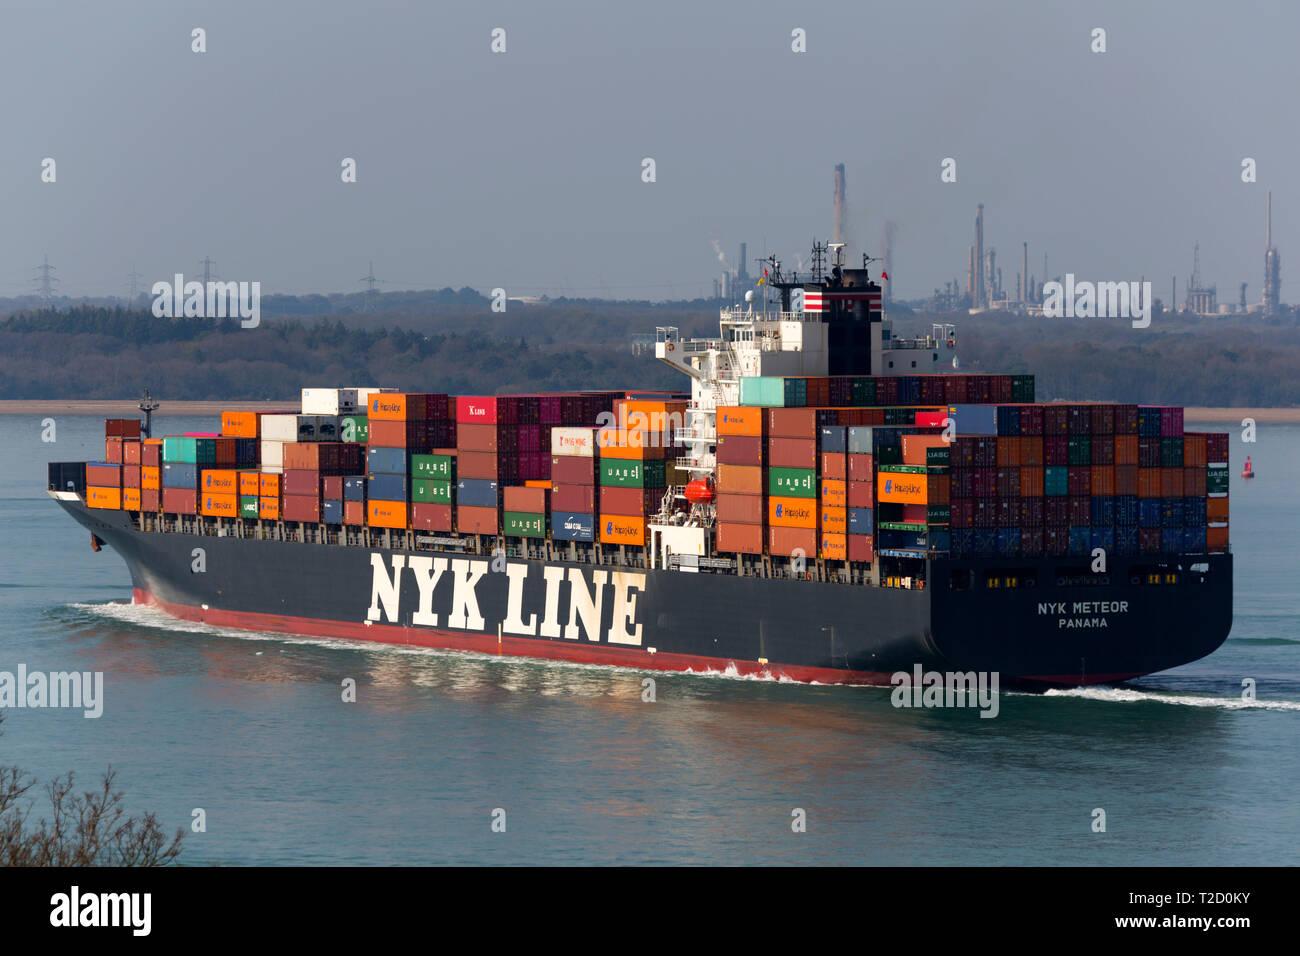 Container,Barco, NYK,empresa, Meteor, registrado,Panamá, Southampton,Container,Terminal,,aceite,refinería de Fawley,el Solent, Cowes, Isla de Wight, UK, Foto de stock